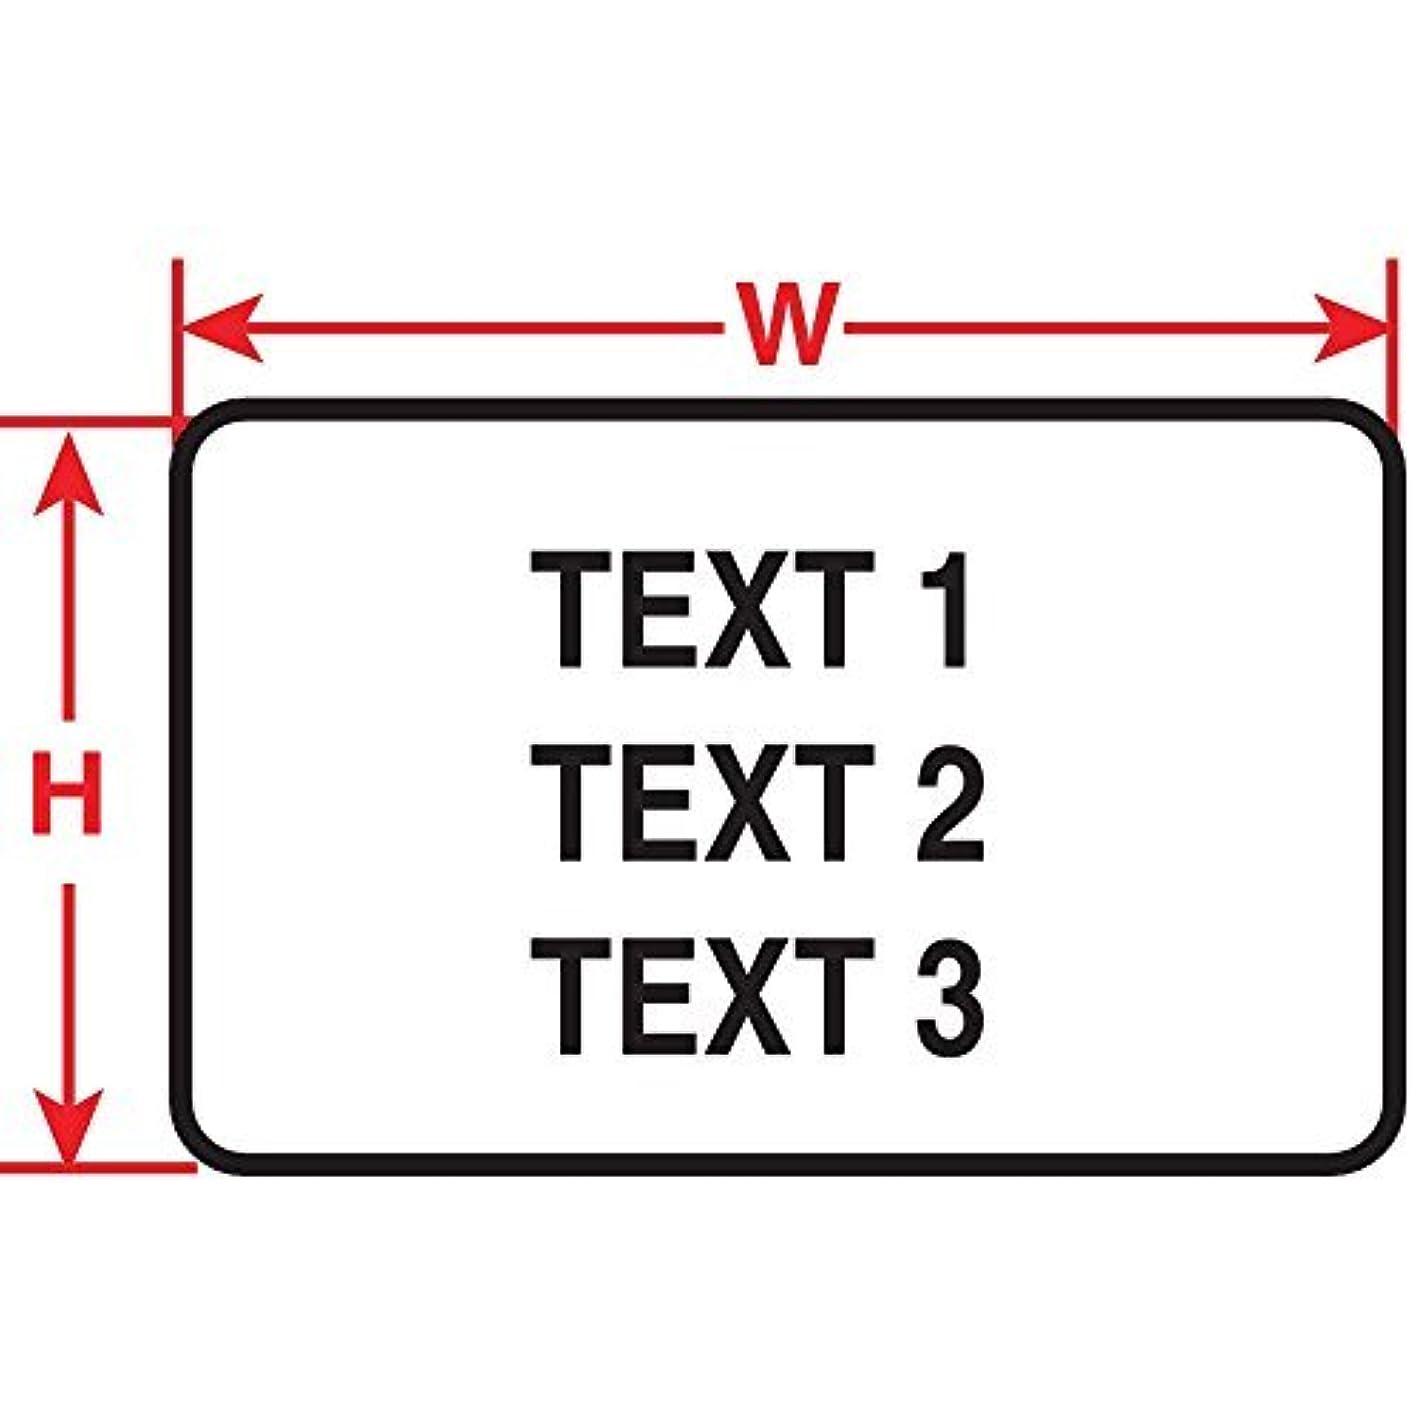 コットンイル実装するBrady PTL-9-719 Label Static Dissipative Polyimide Matte 0.200 H x 0.650 W White 750/Roll (Pack of 750) [並行輸入品]